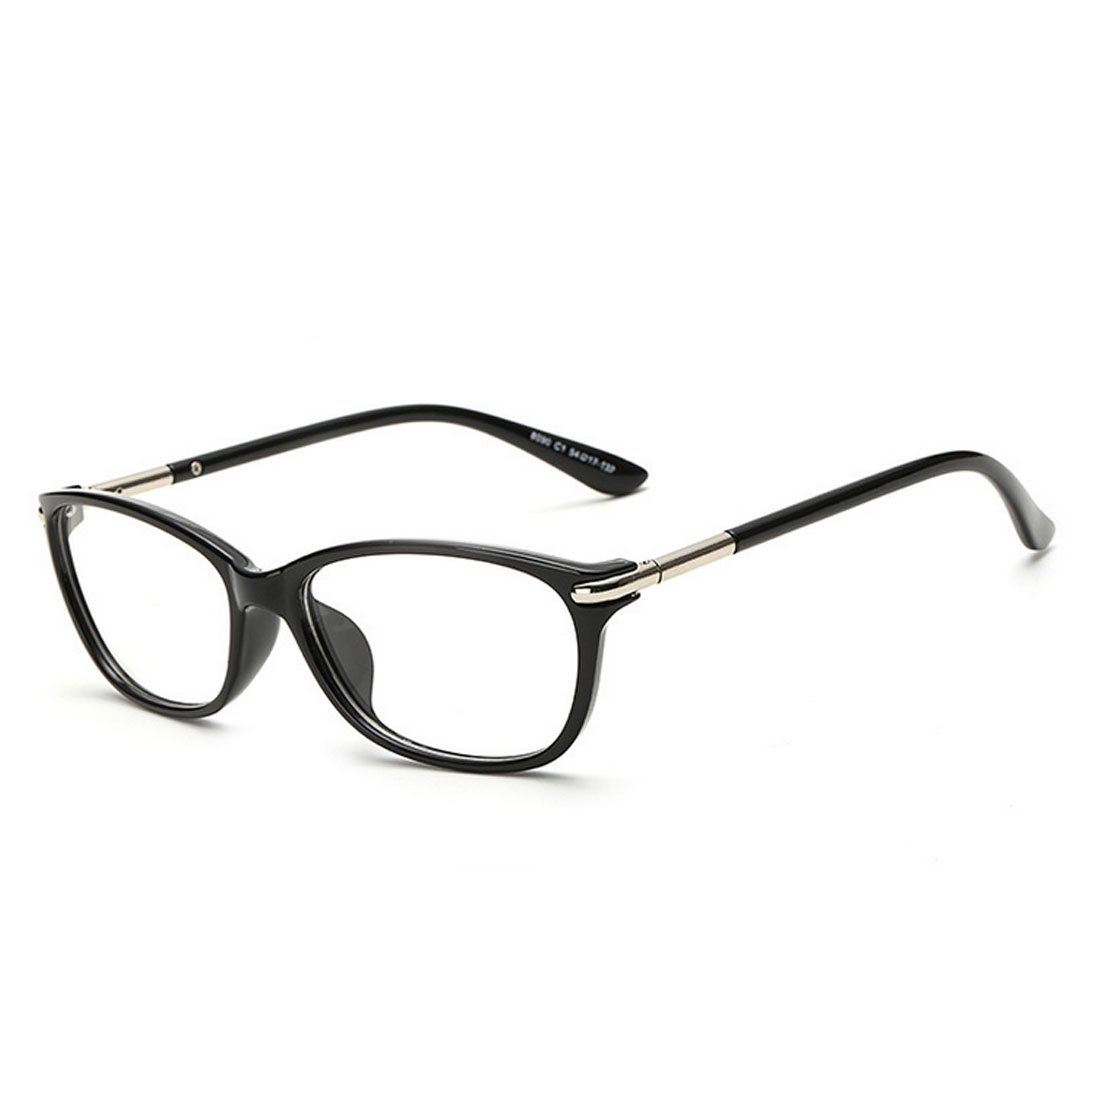 eb4ecb9450f0 King vintage horn rimmed cat eye eyeglasses frame glasses clear lens black  clothing jpg 1100x1100 Black